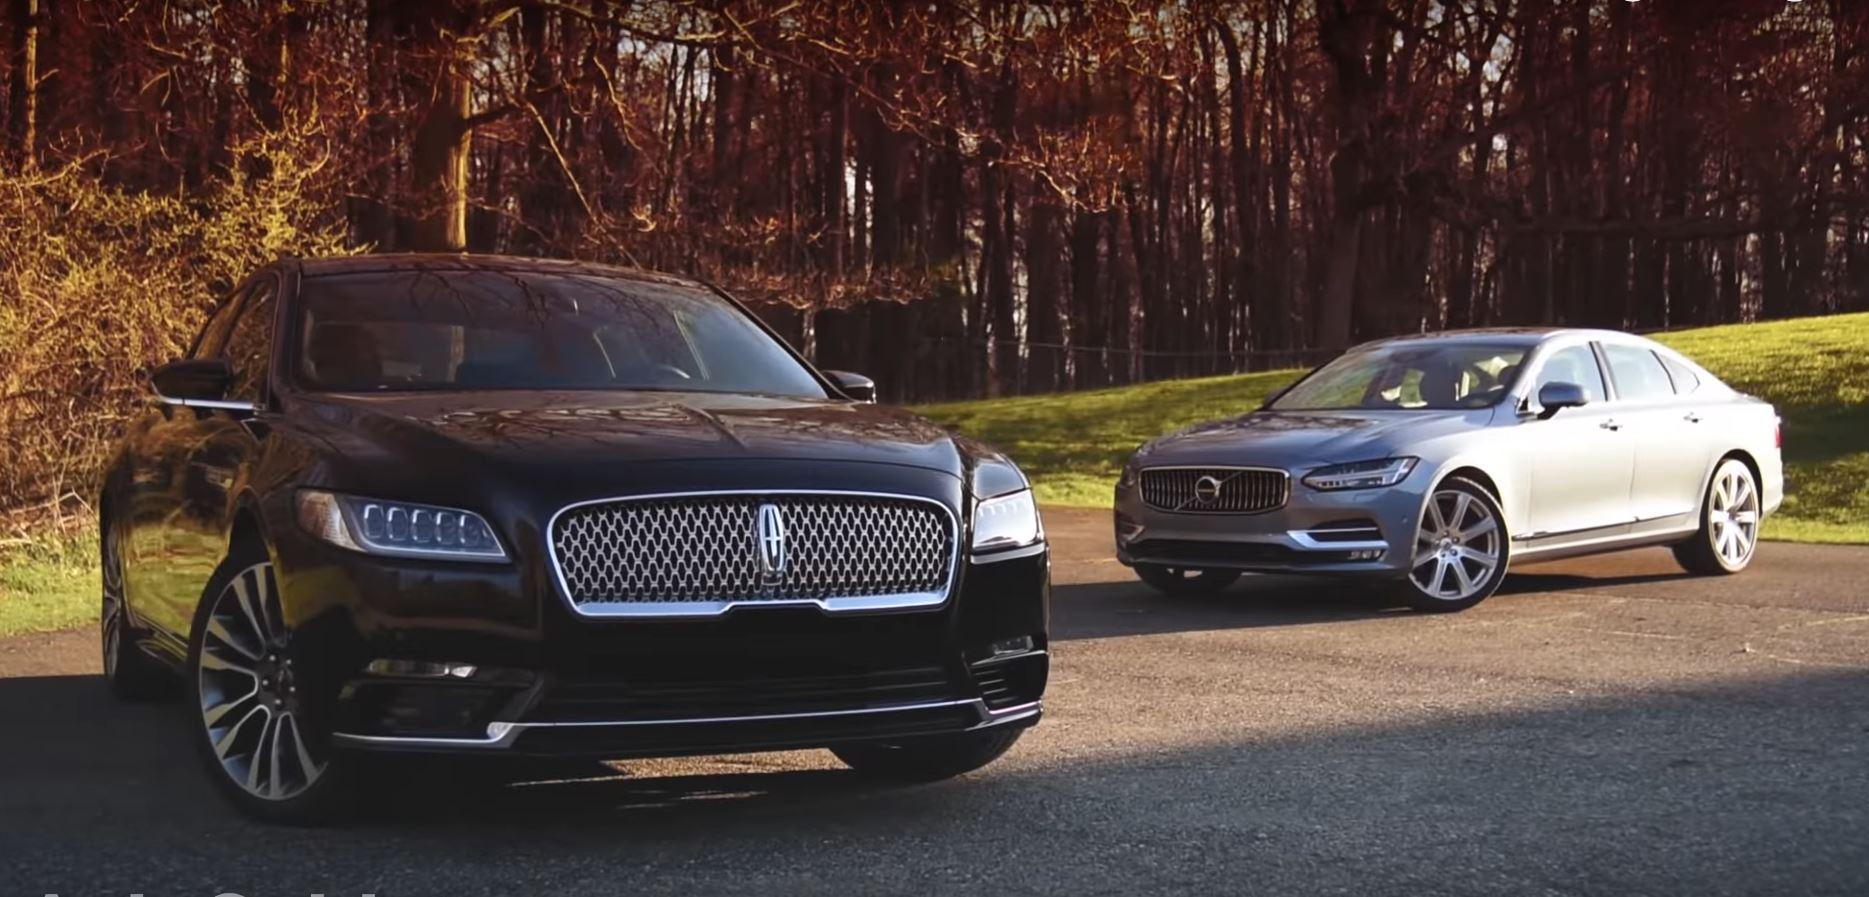 Lincoln Continental vs. Volvo S90 Comparison Is About Premium Sedan Alternatives - autoevolution